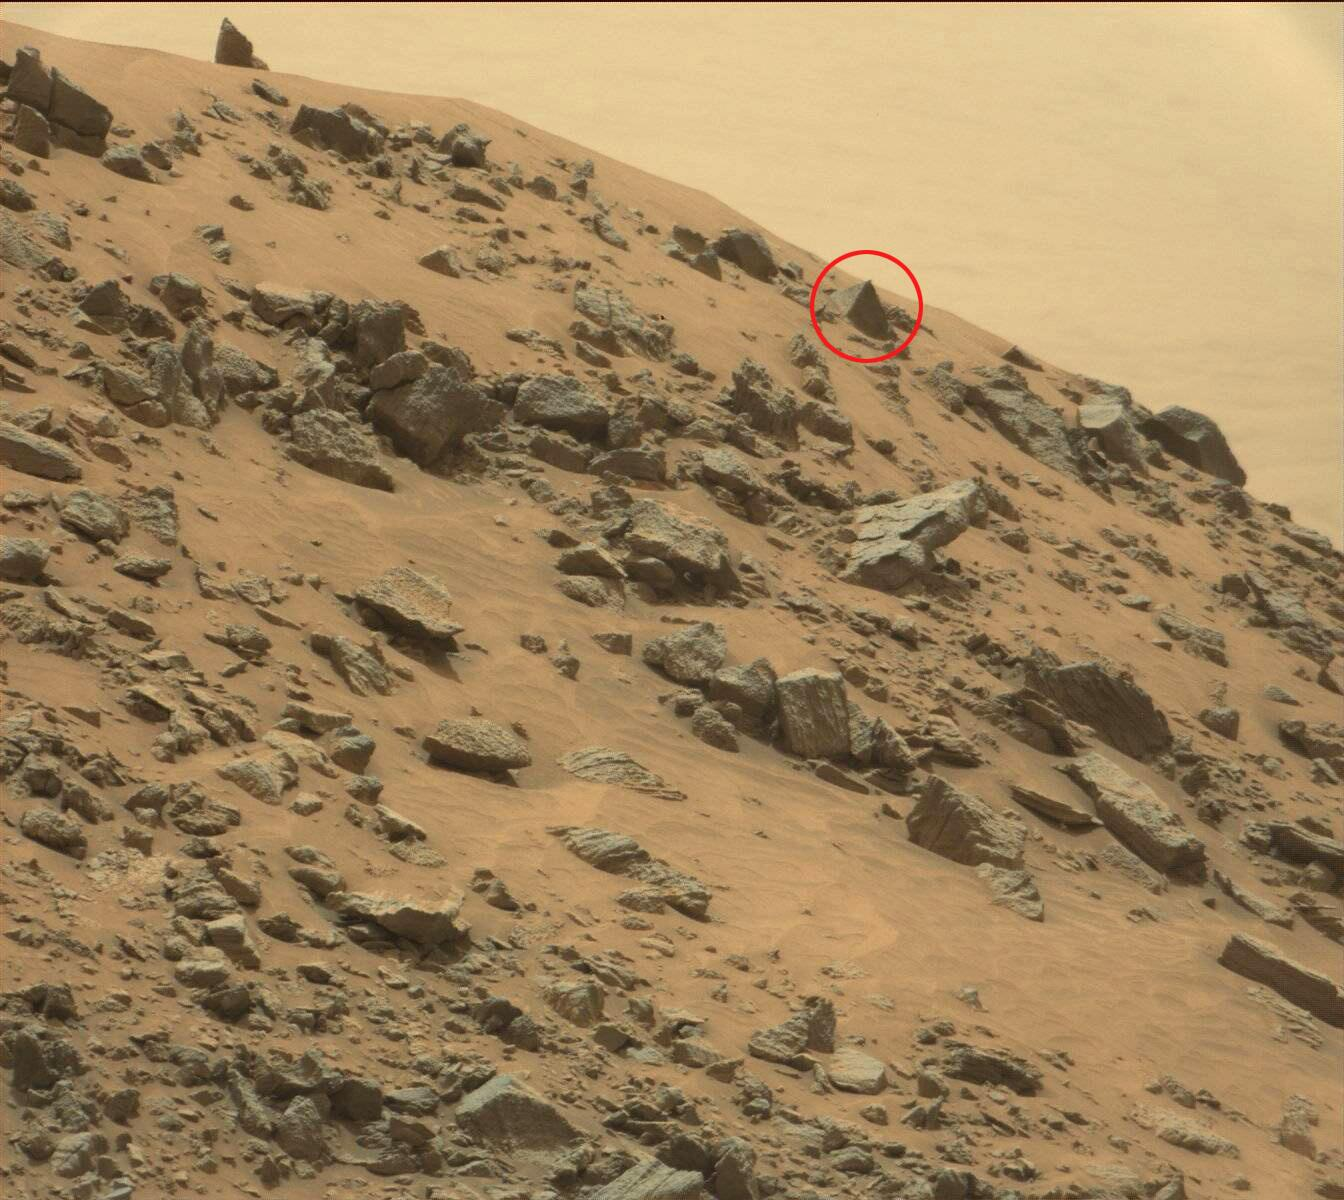 Bild zu Pyramide auf dem Mars